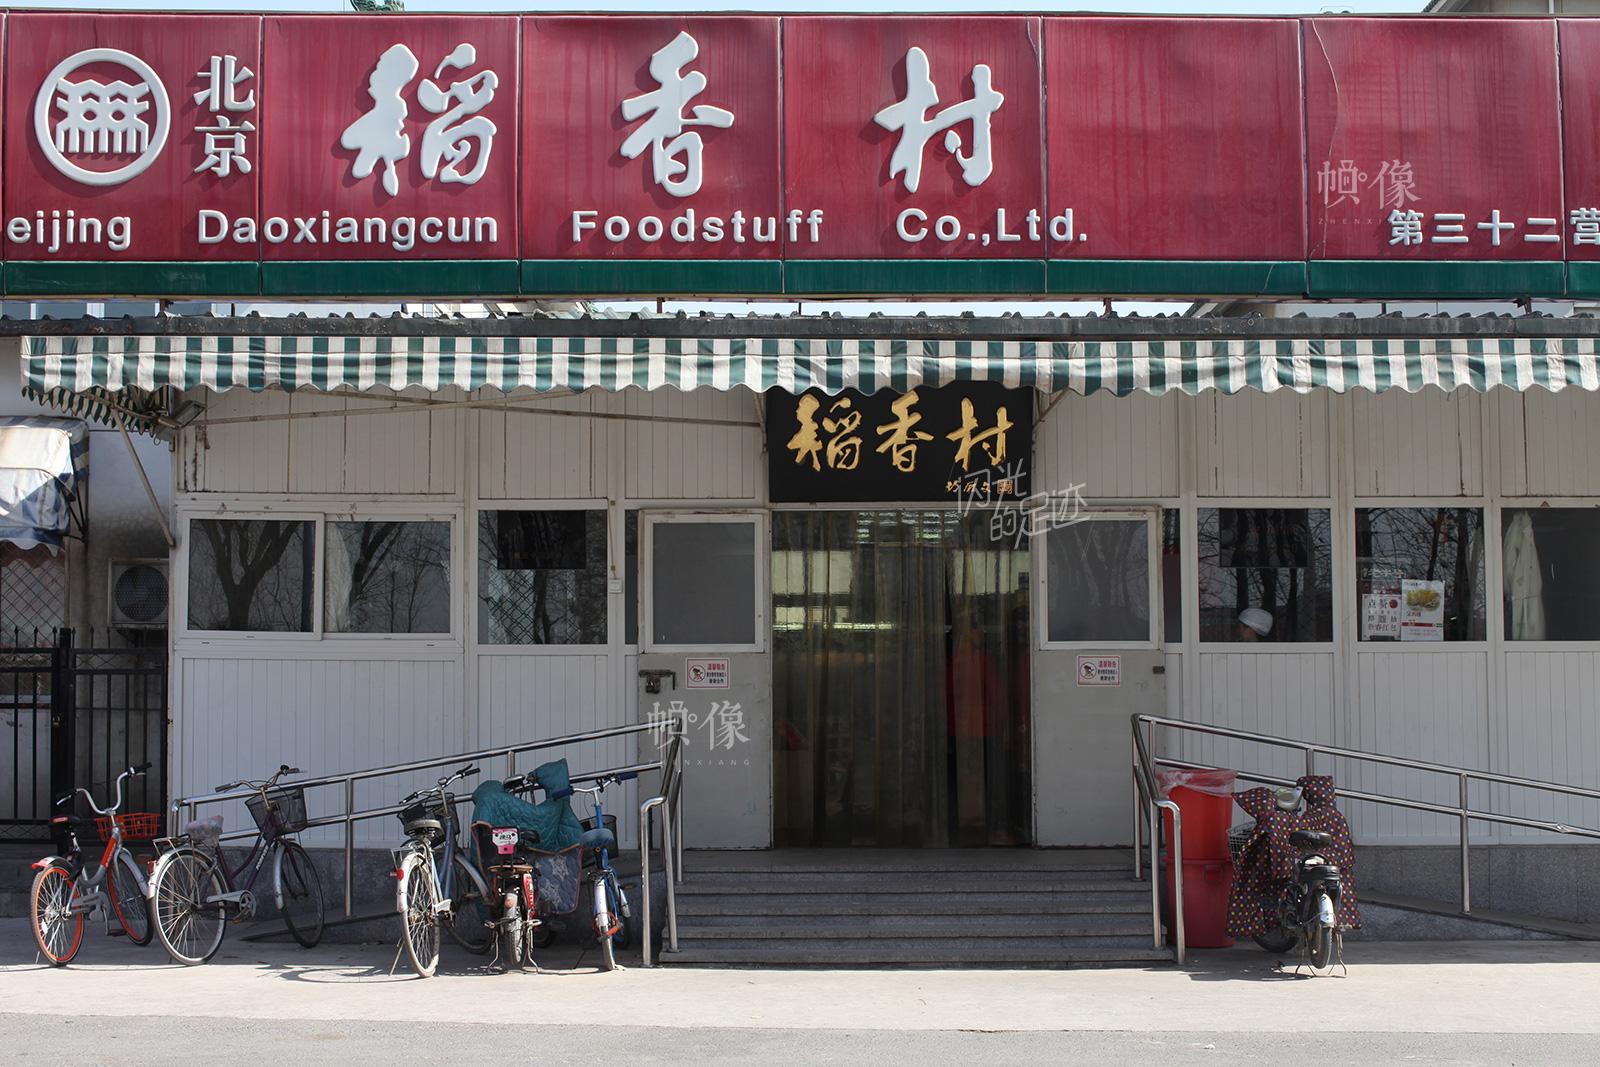 2017年3月2日,正在营业中的北京稻香村第三十二营业部。中国网记者 高南 摄